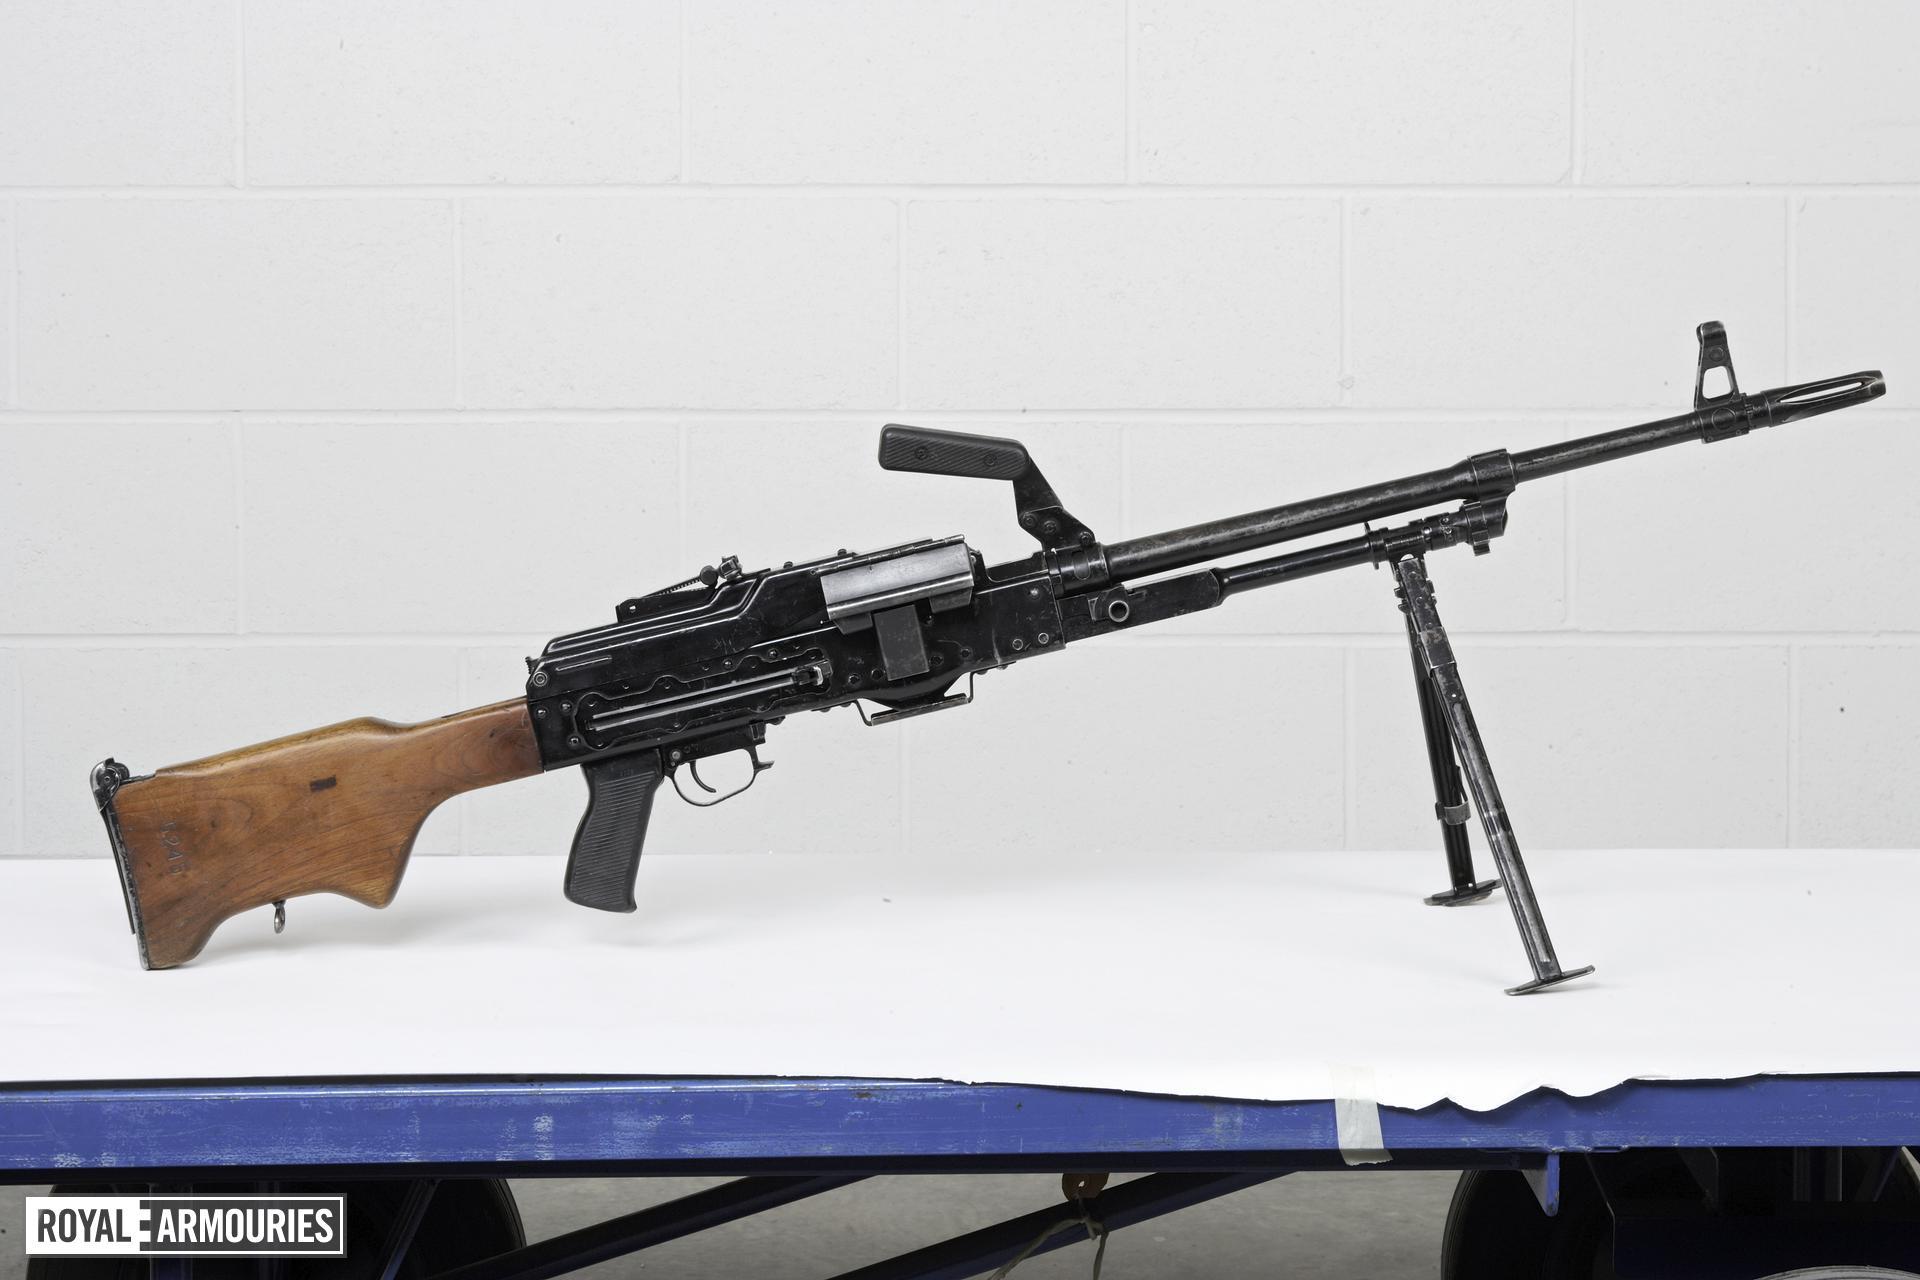 Centrefire automatic machine gun - Kalashnikov PKM M84